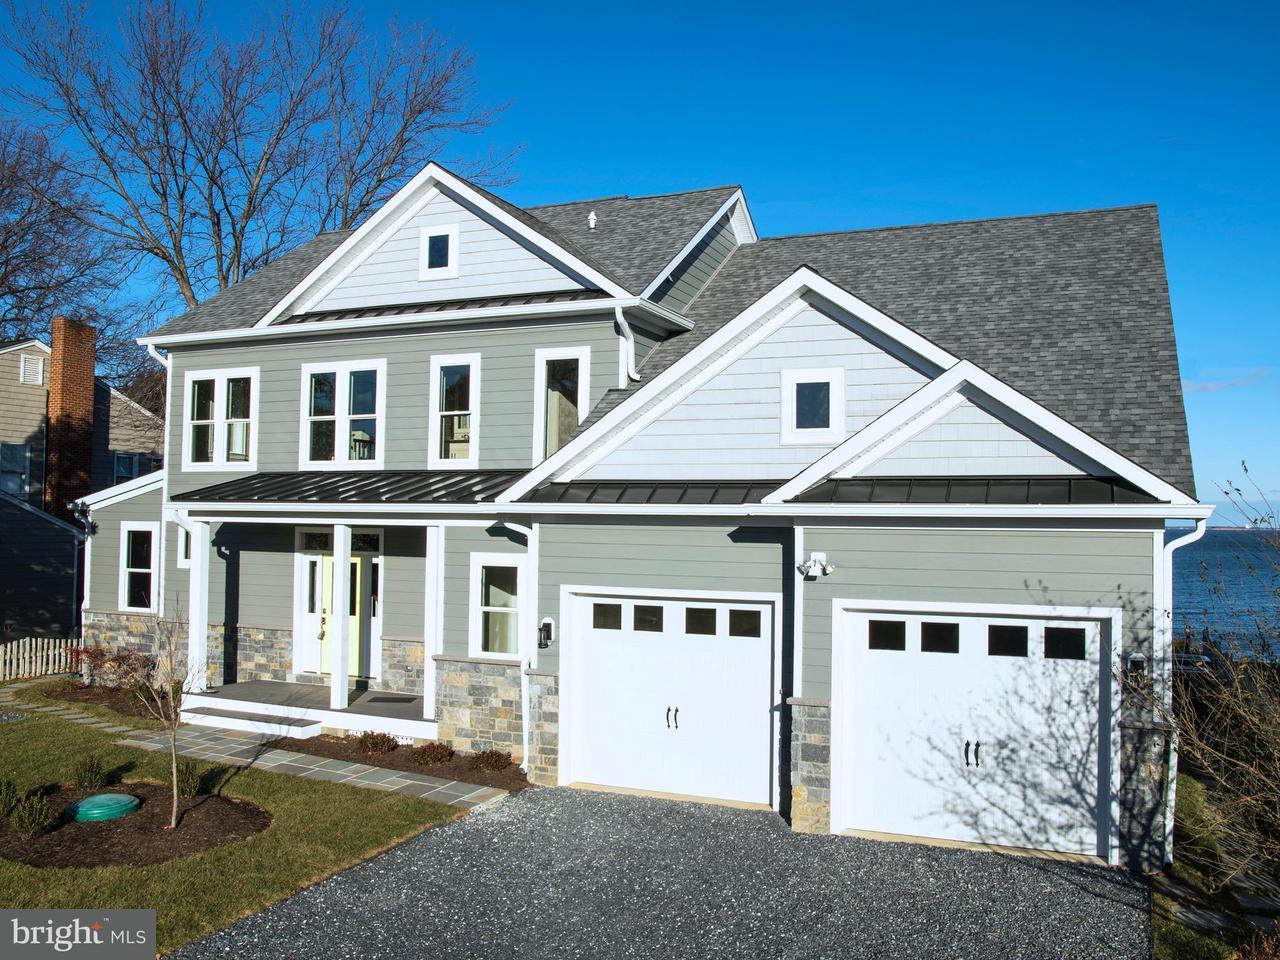 独户住宅 为 销售 在 3995 Chesapeake 3995 Chesapeake Edgewater, 马里兰州 21037 美国